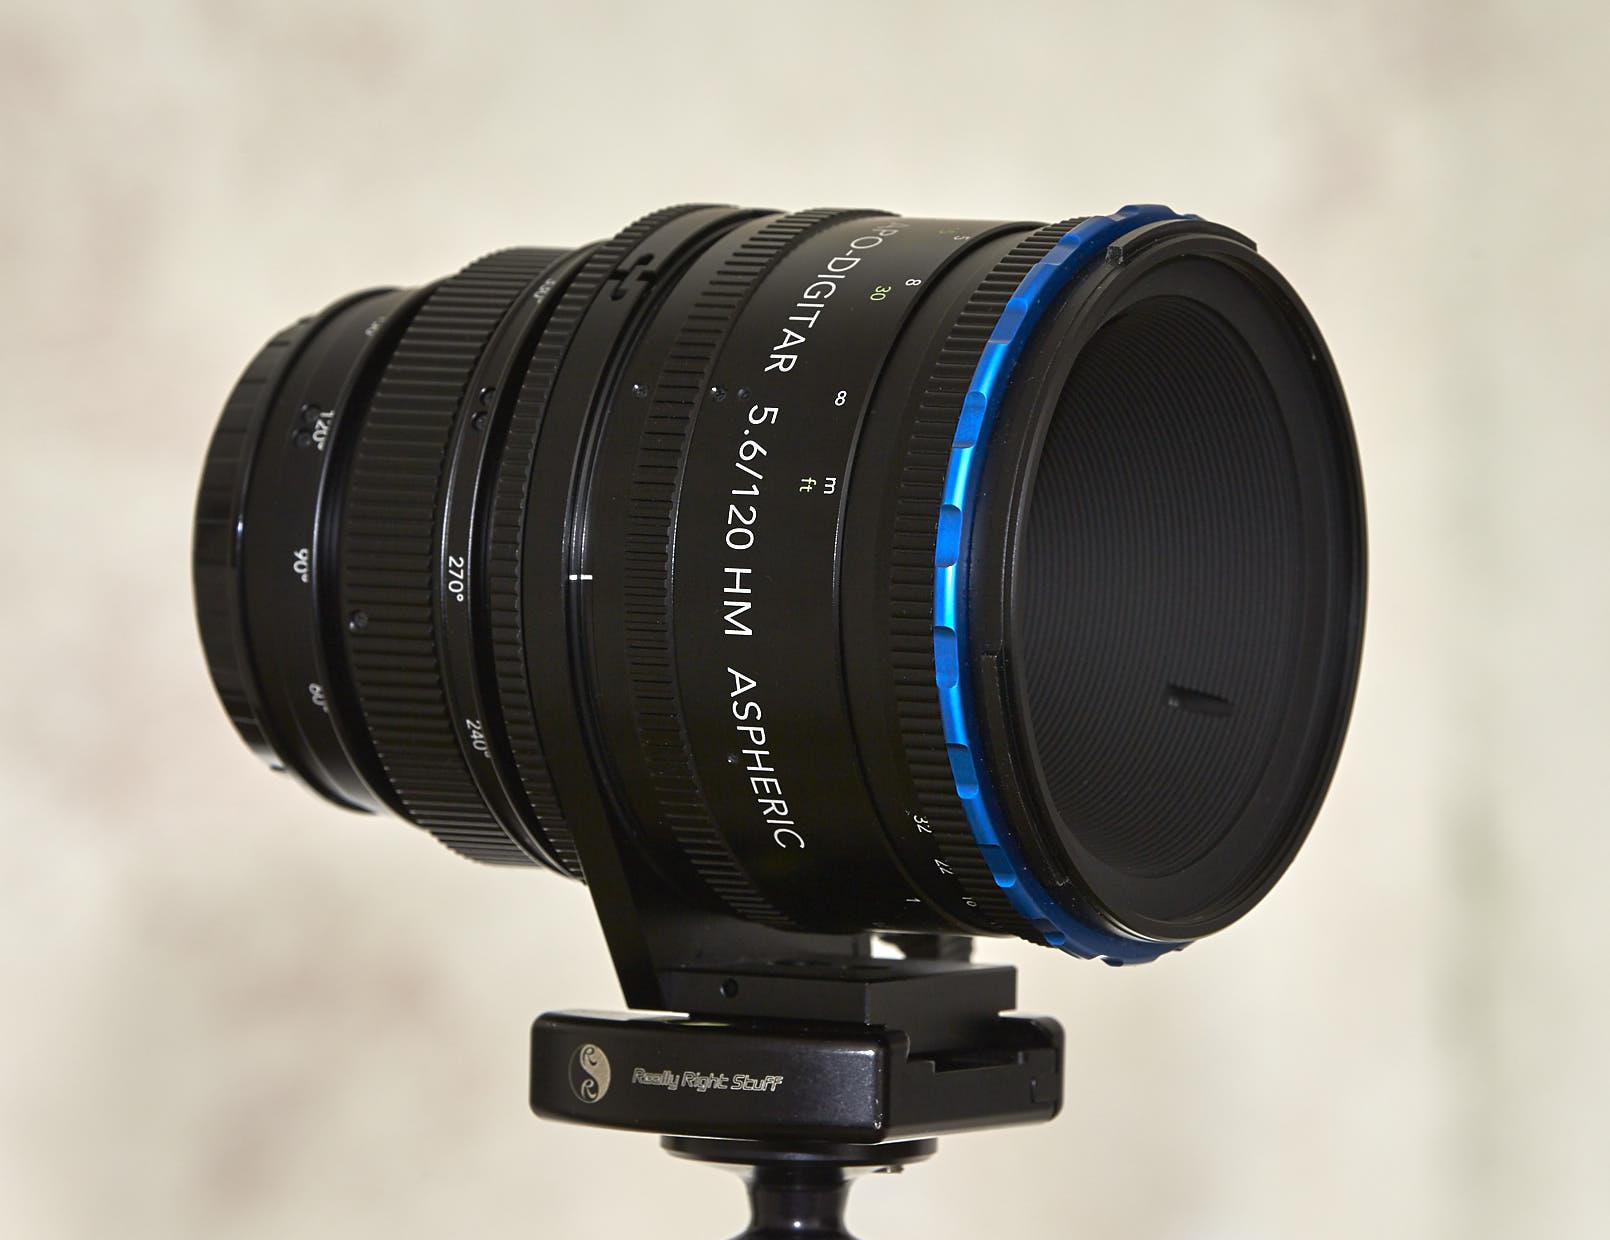 Built in lens hood